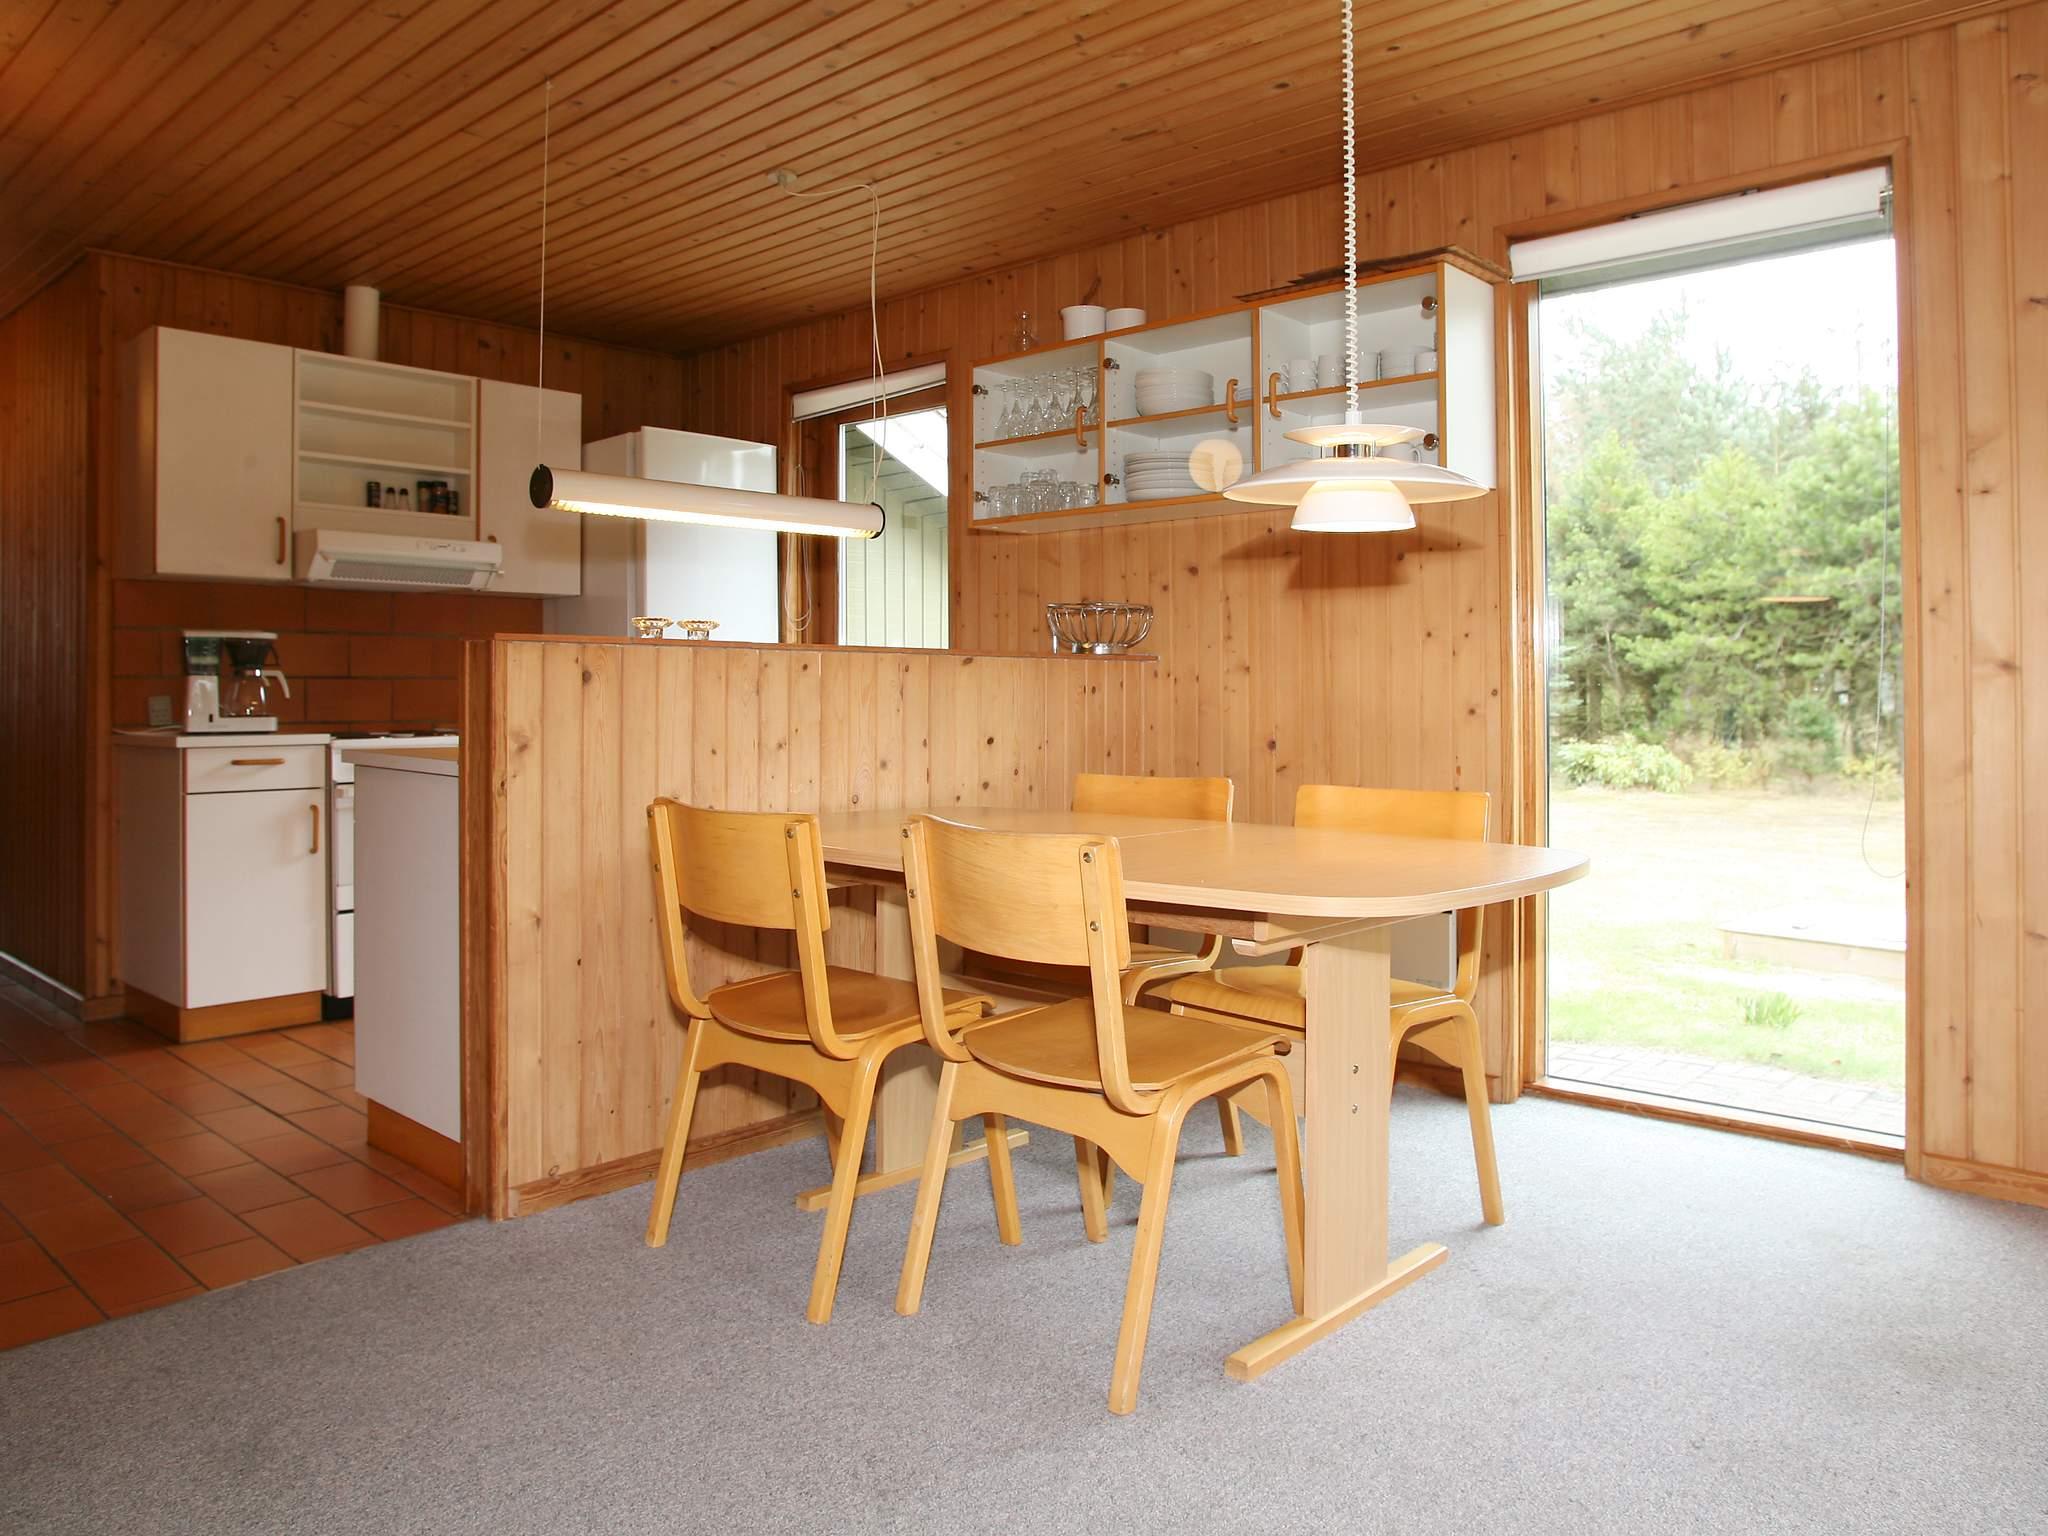 Ferienhaus Marielyst (87236), Marielyst, , Falster, Dänemark, Bild 3